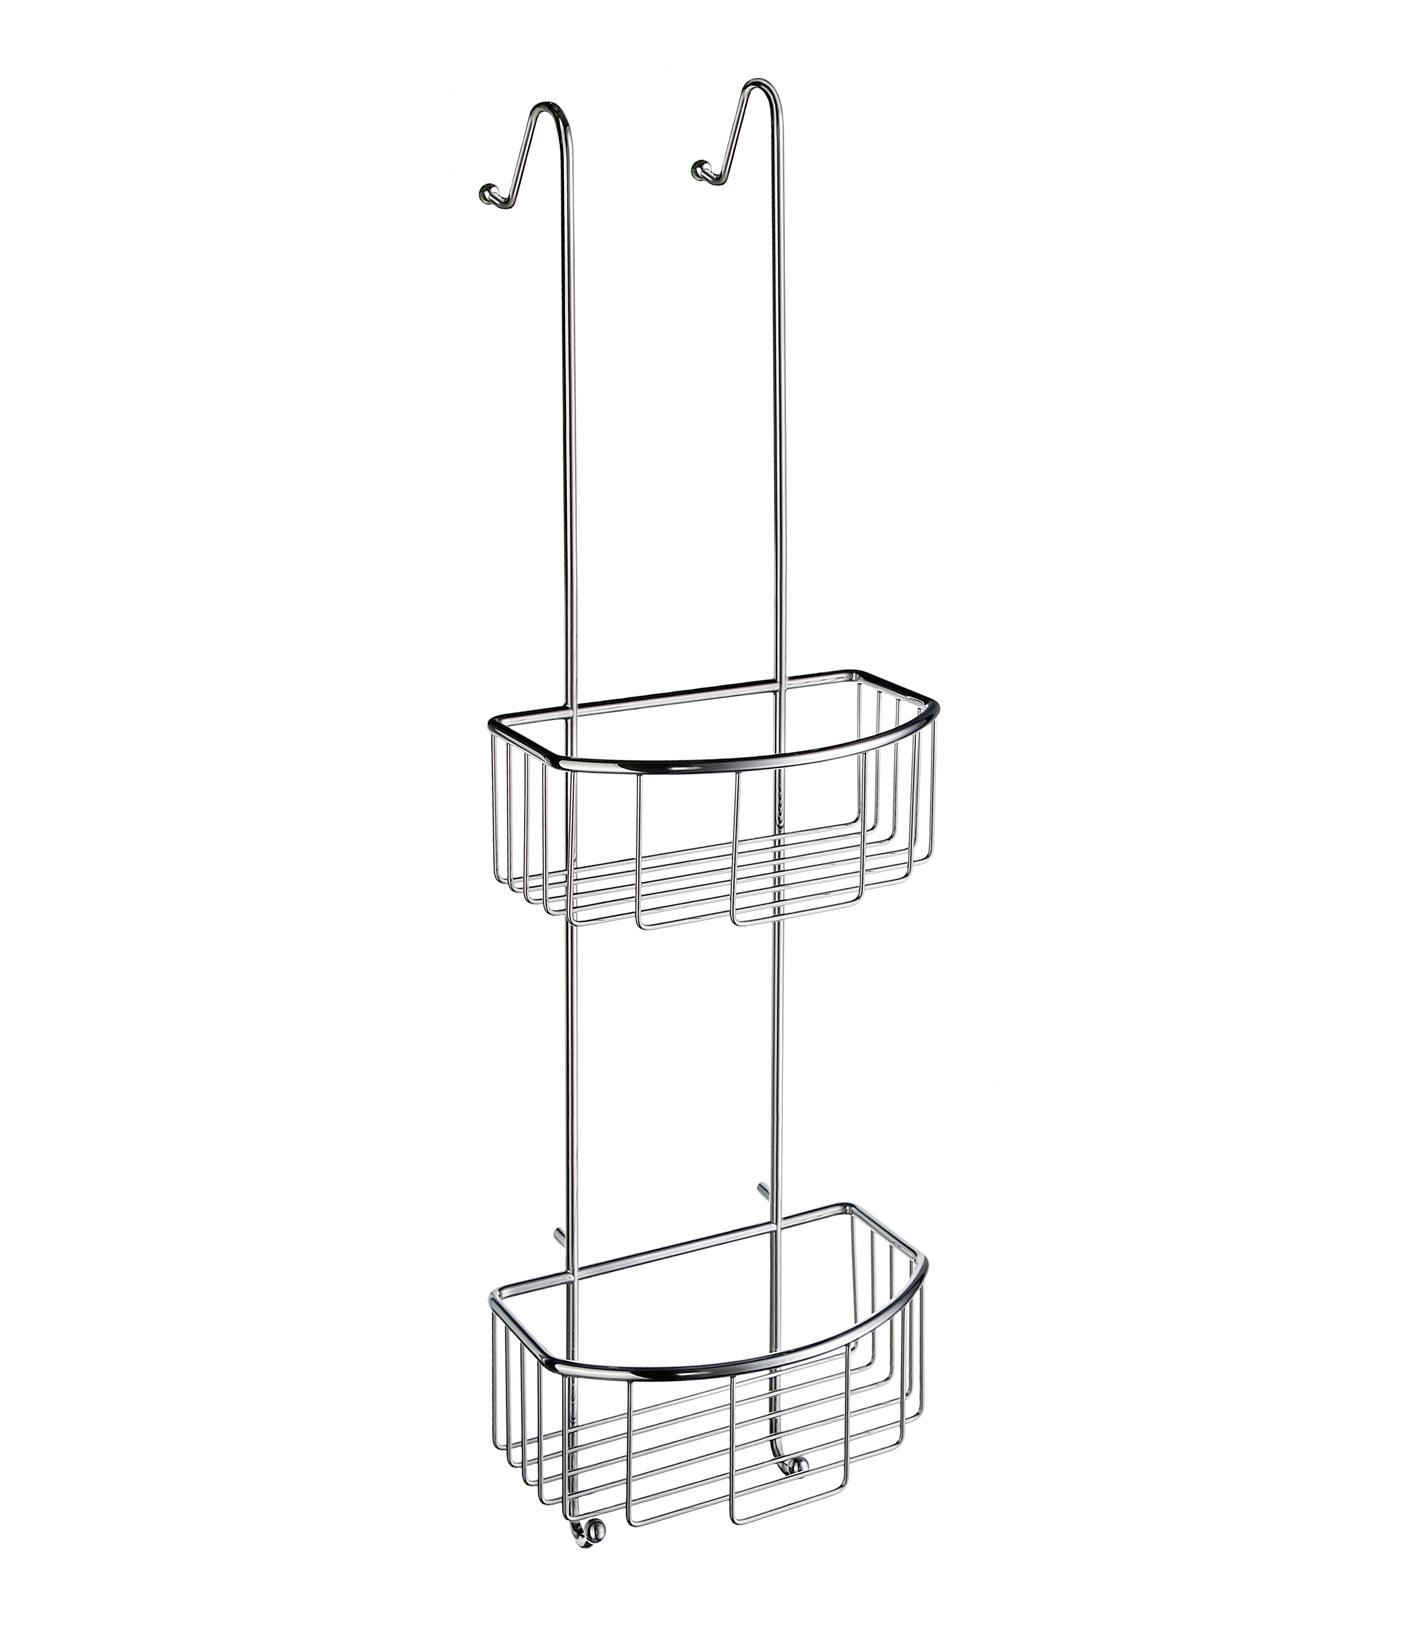 Smedbo Sideline Shower Basket Double 220 x 130mm - DK1041